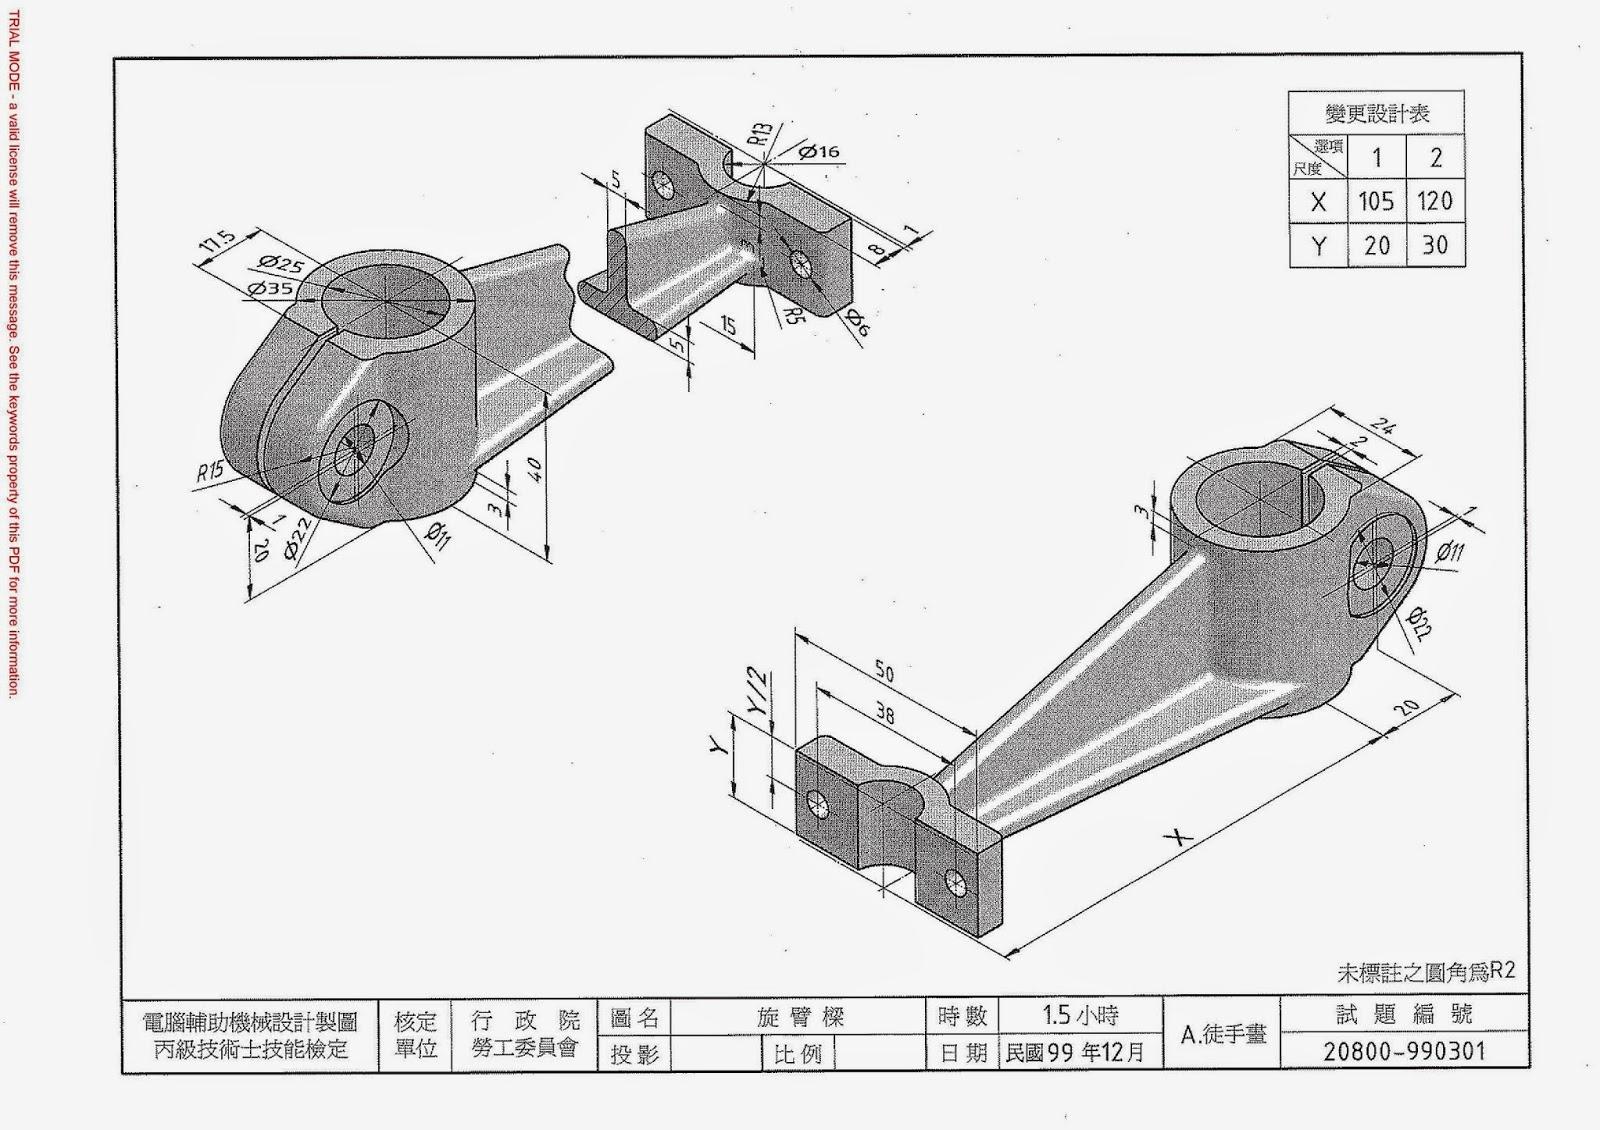 中工 212 班級使用: 電腦輔助機械設計製圖丙級徒手繪題目